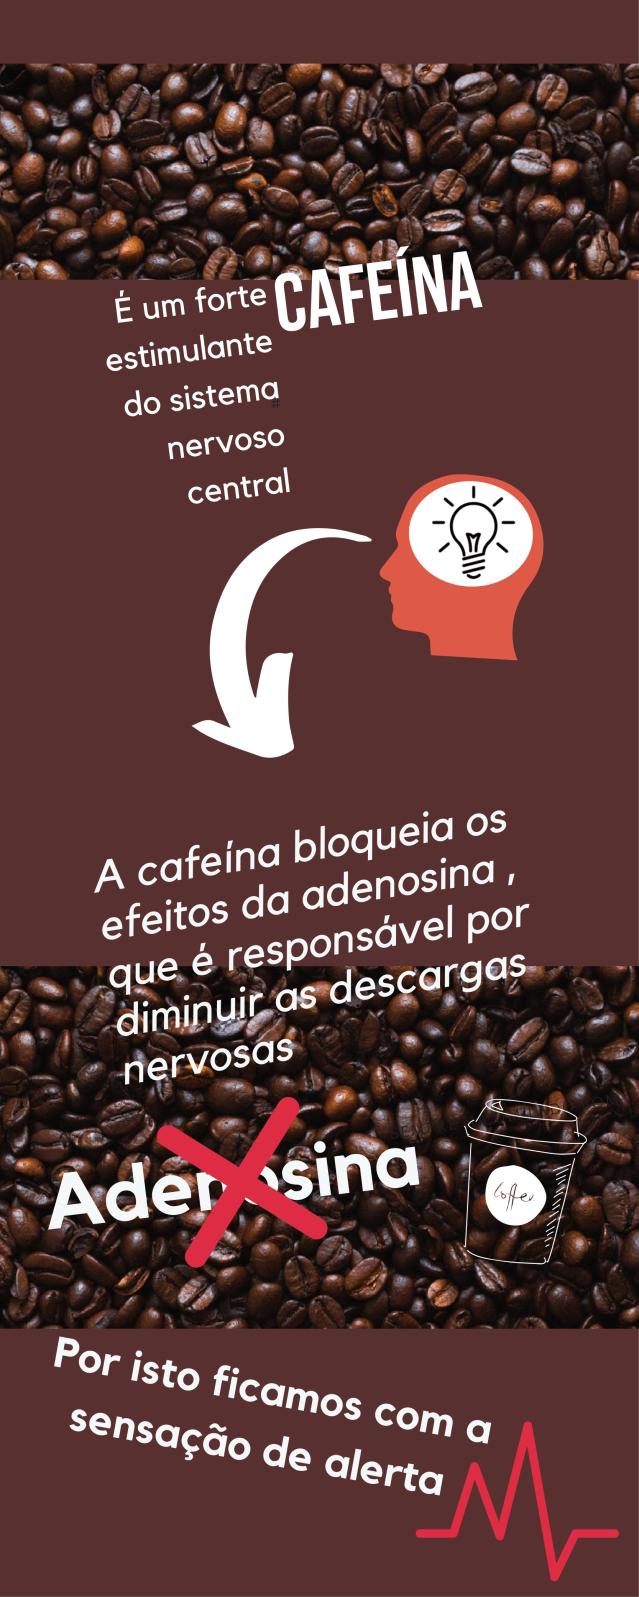 Cafeína bioquimica (1)-4